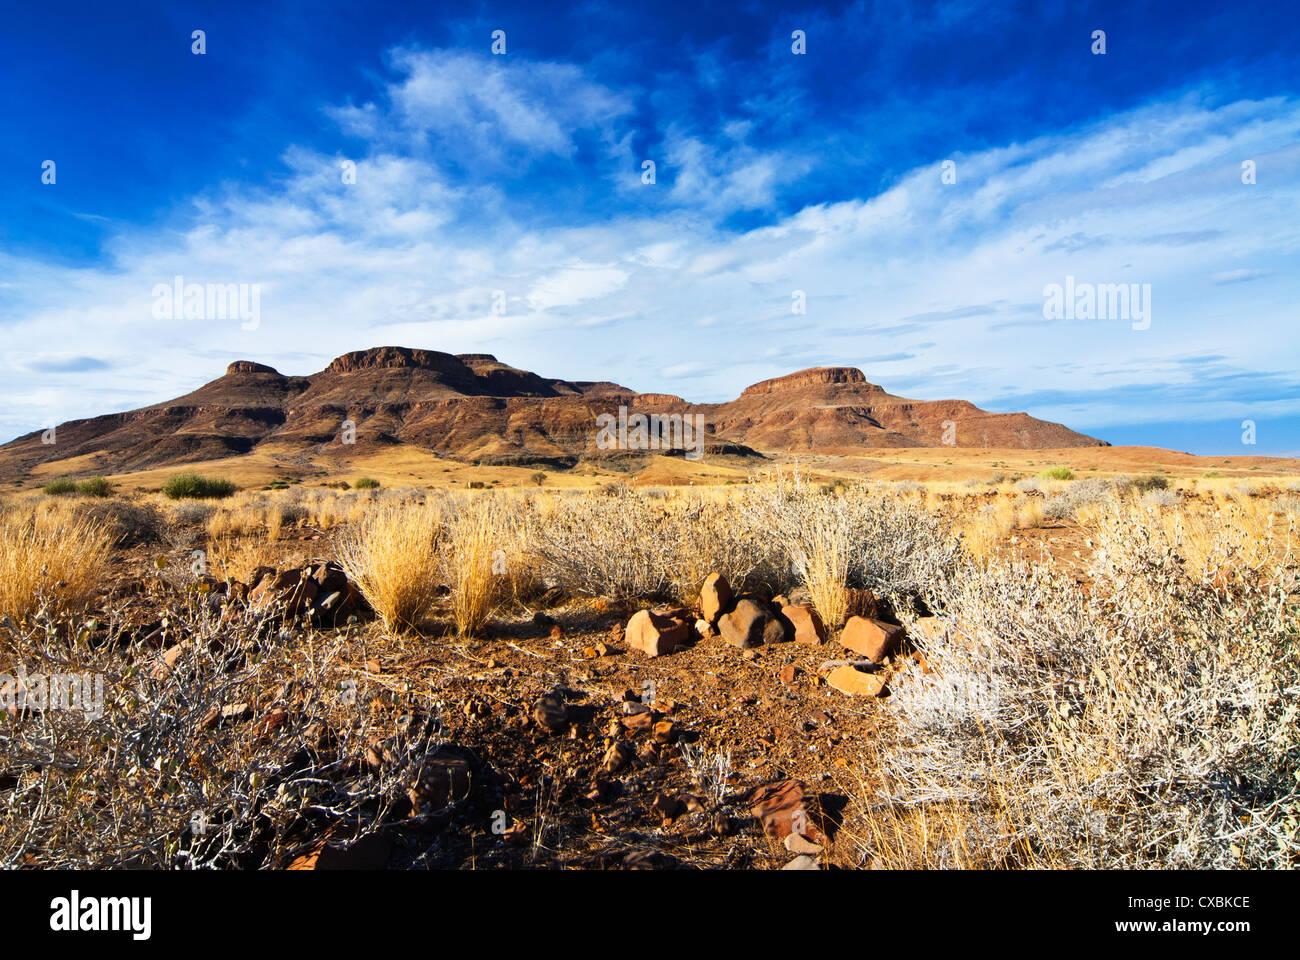 Zone de vallée de la rivière Huab, Damaraland, région de Kunene, Namibie, Afrique Banque D'Images